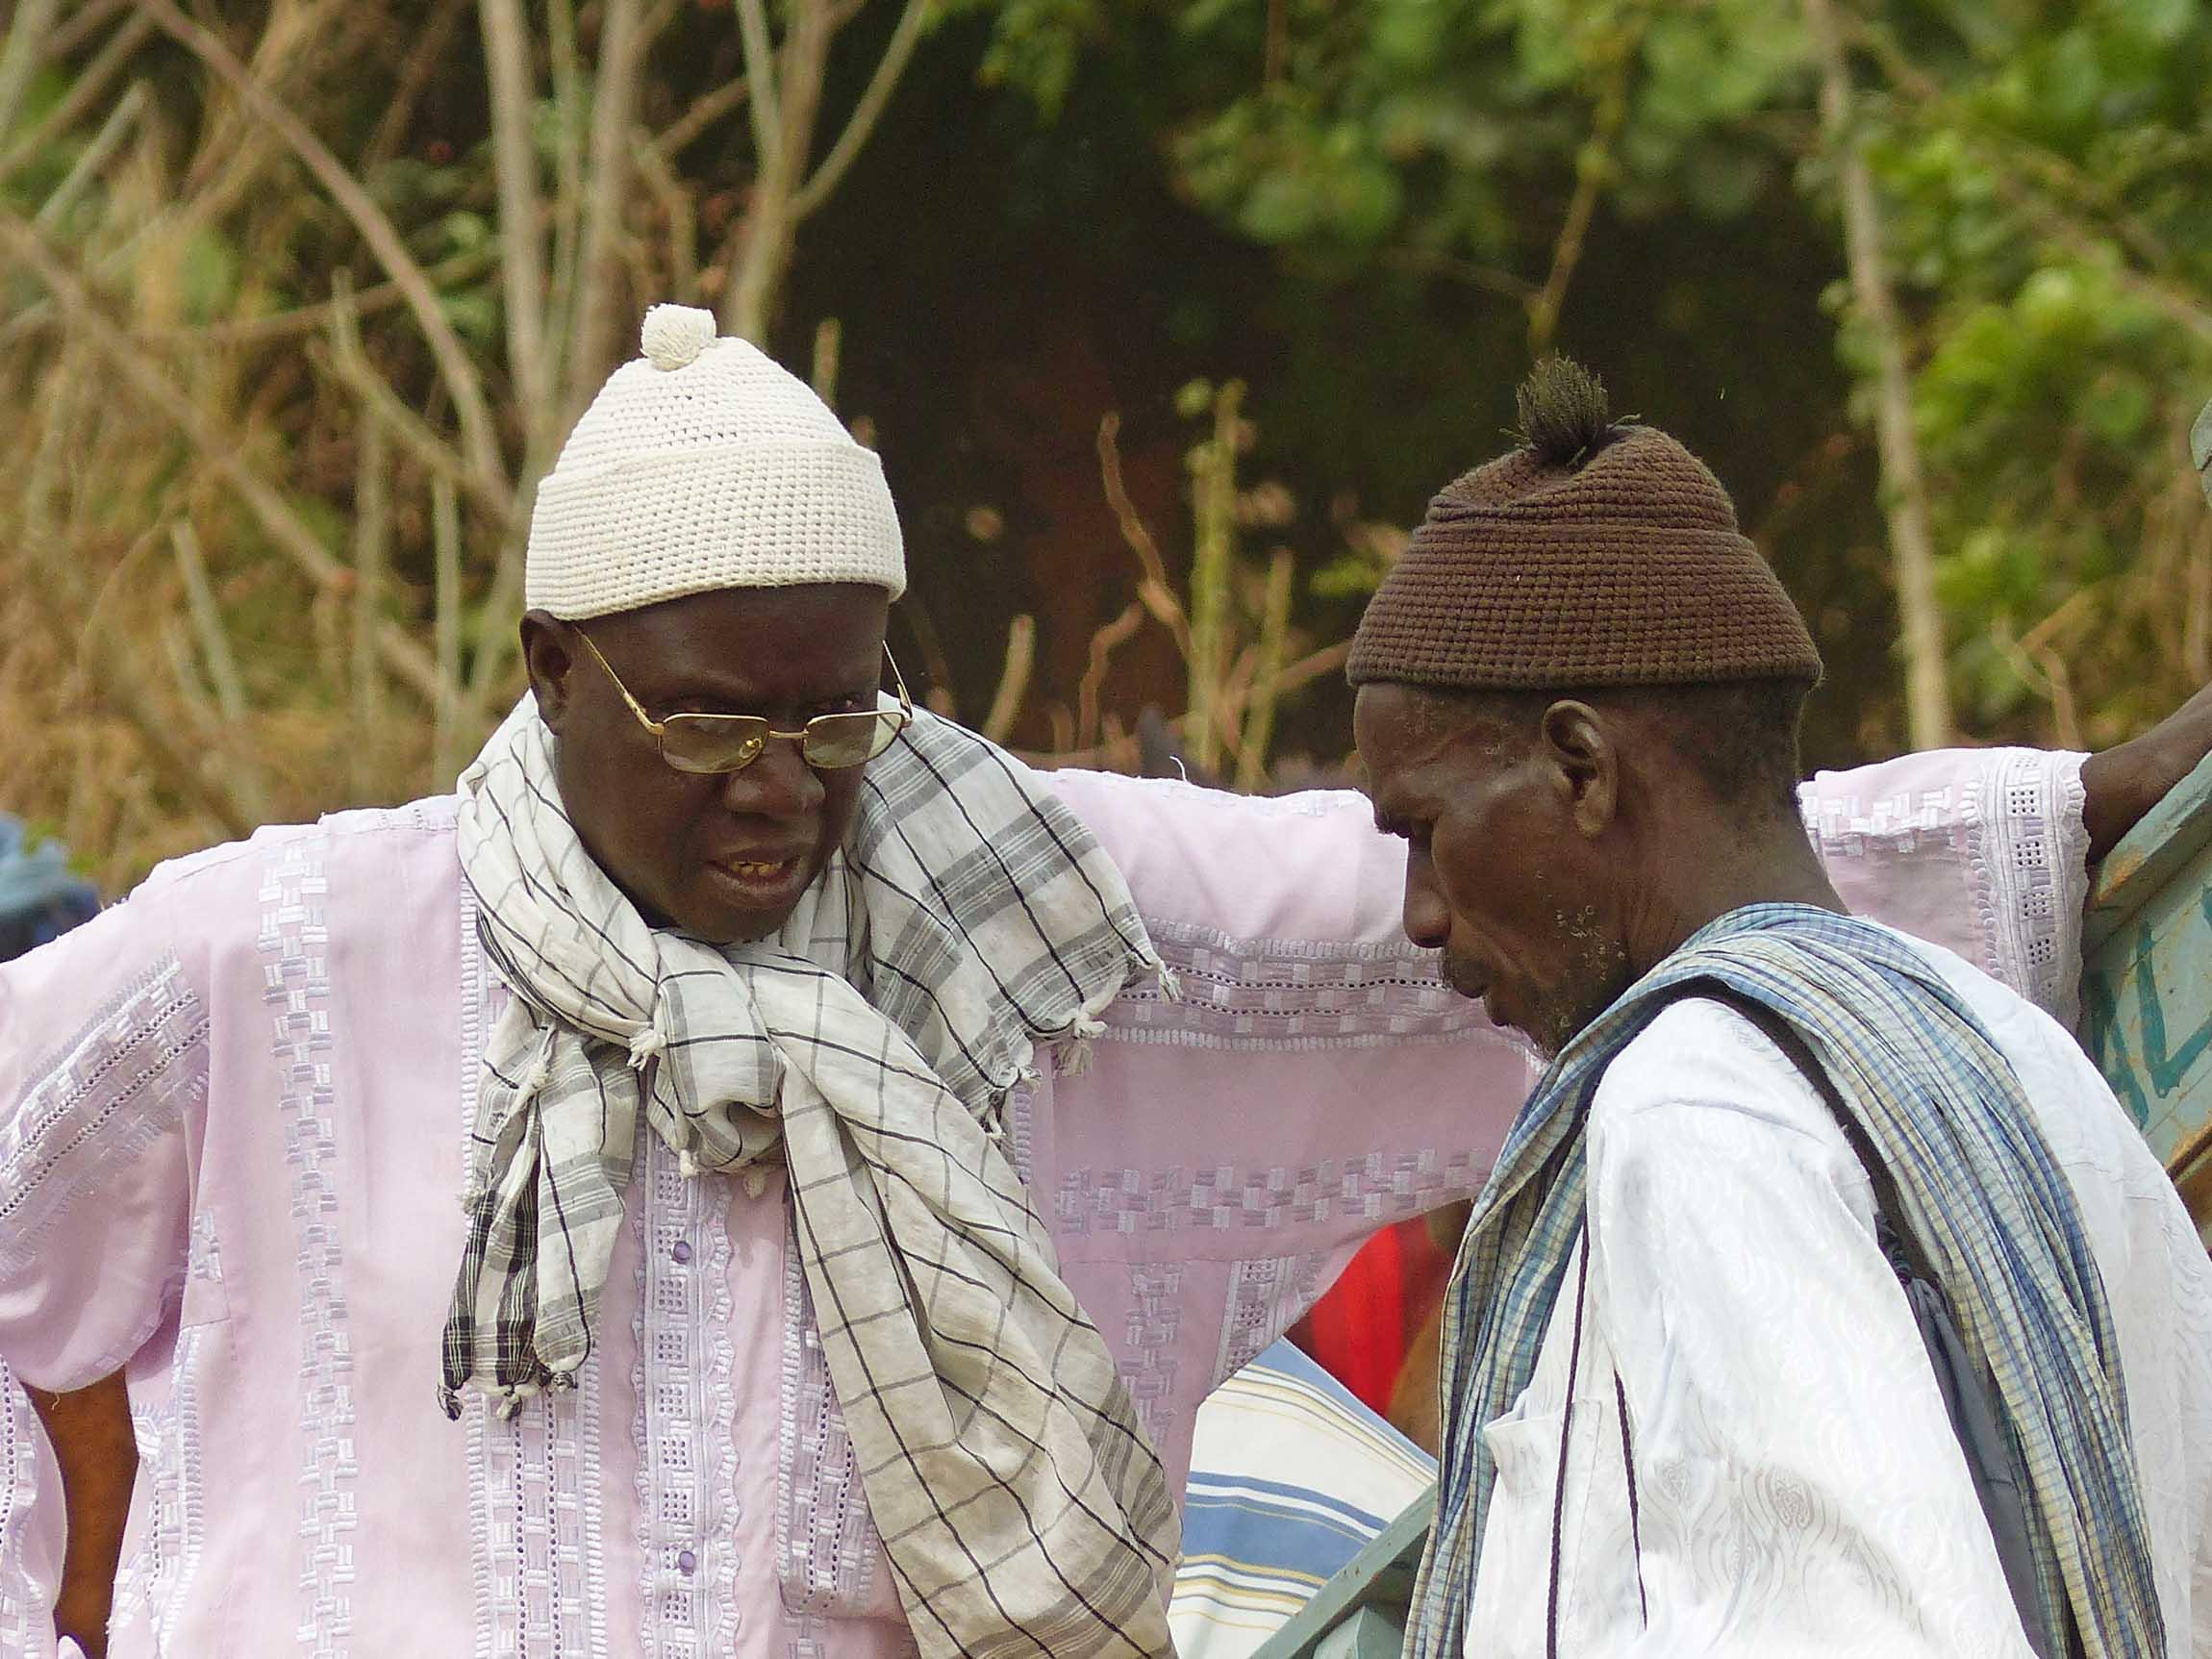 Two men in African dress talking